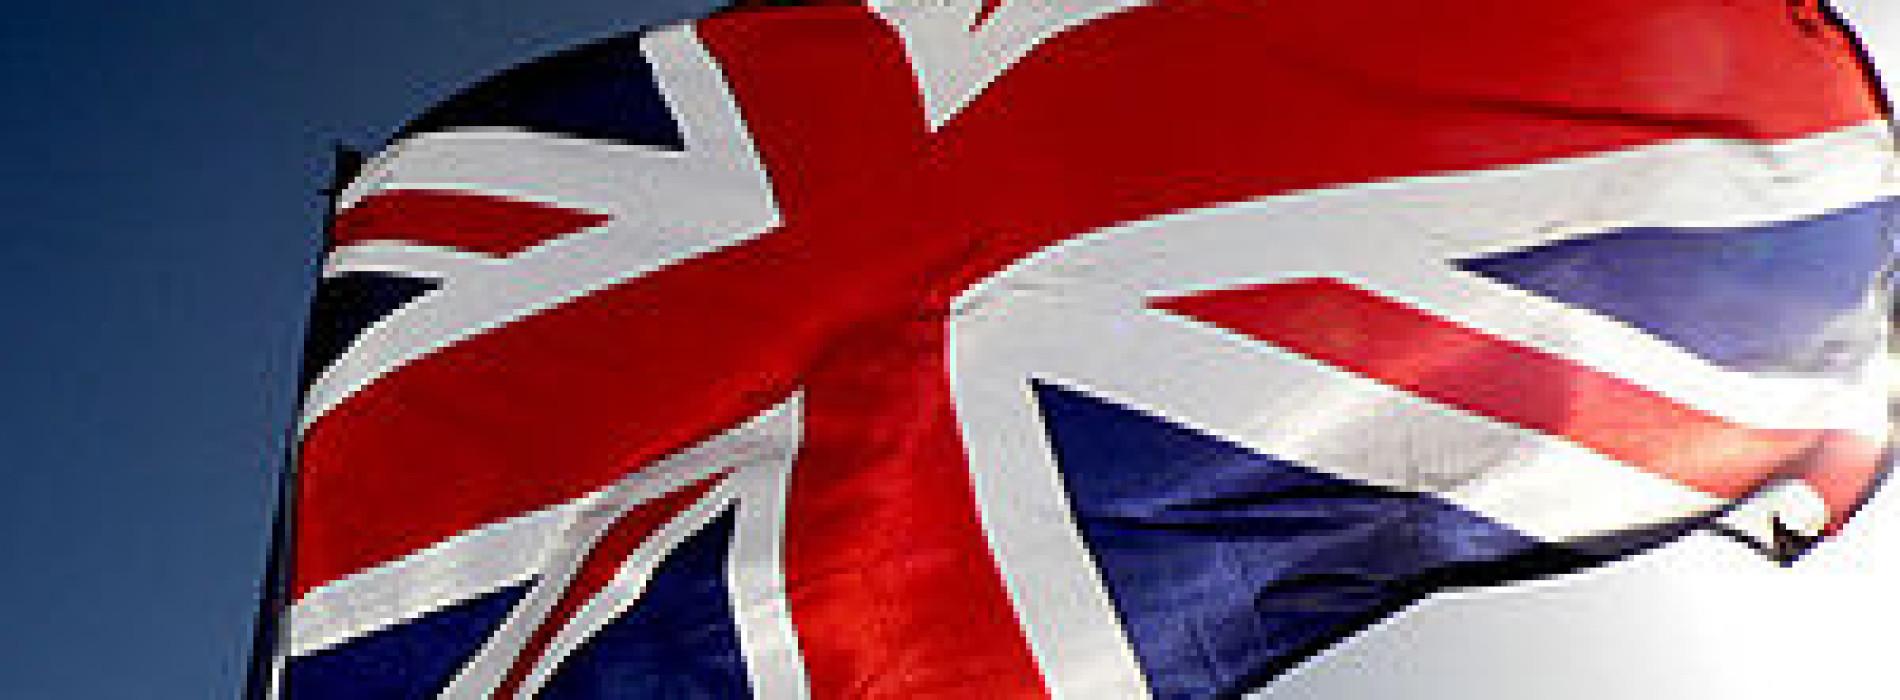 Wielka Brytania uciekła recesji